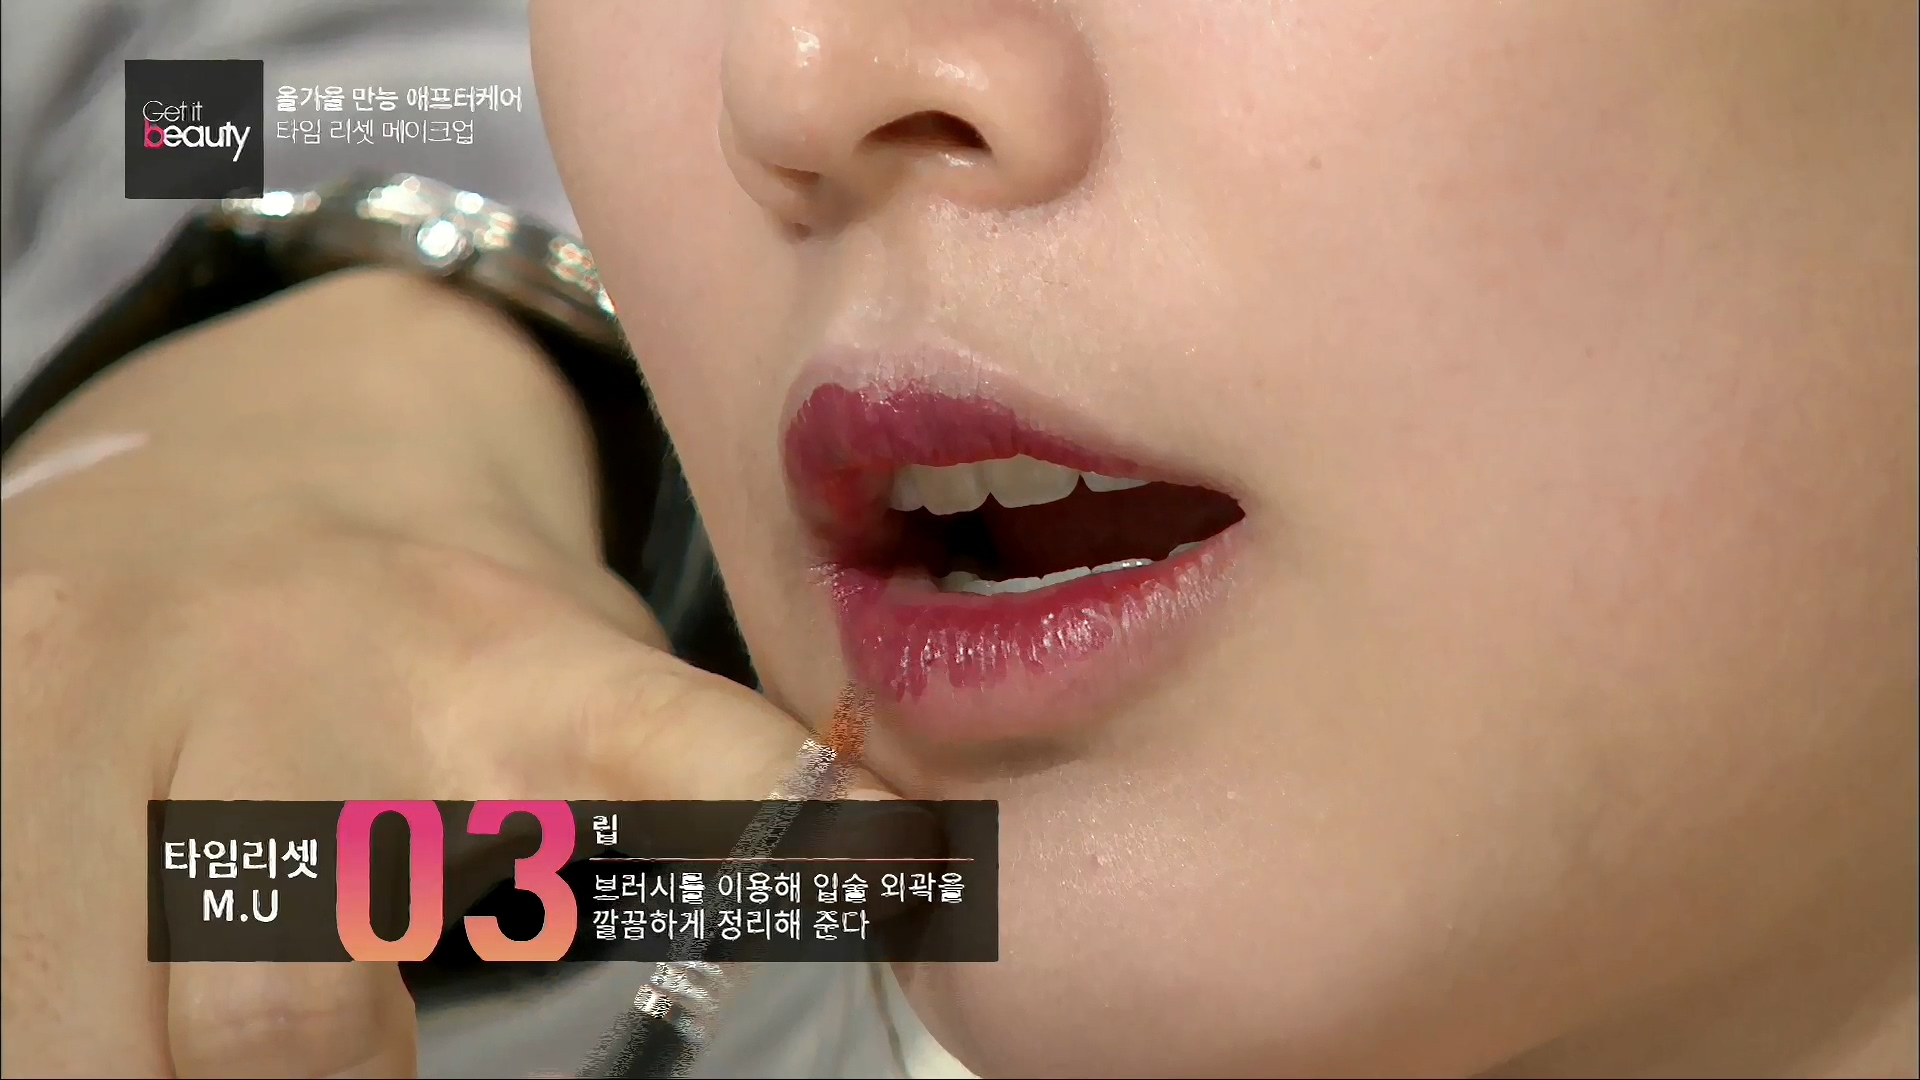 타임리셋 M.U STEP#3.립 브러시를 이용해 입술 외곽을 깔끔하게 정리해 준다